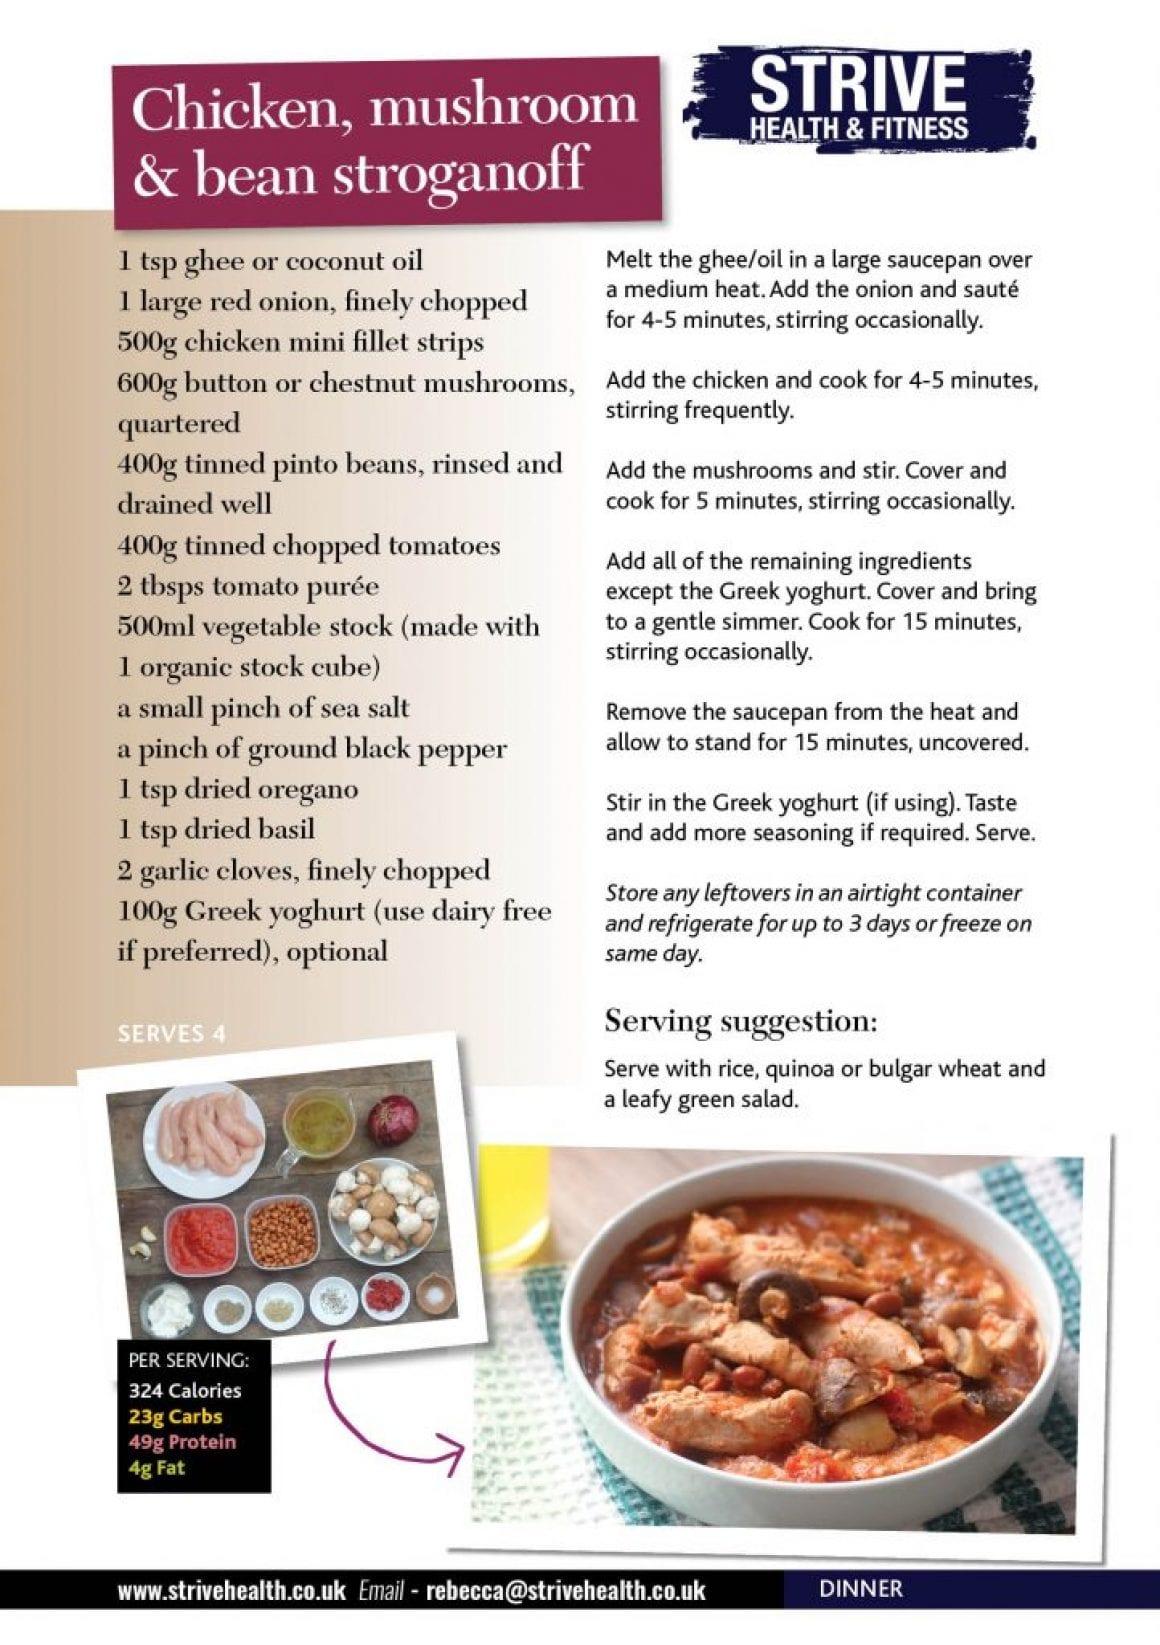 Chicken Mushroom & Bean Stroganoff